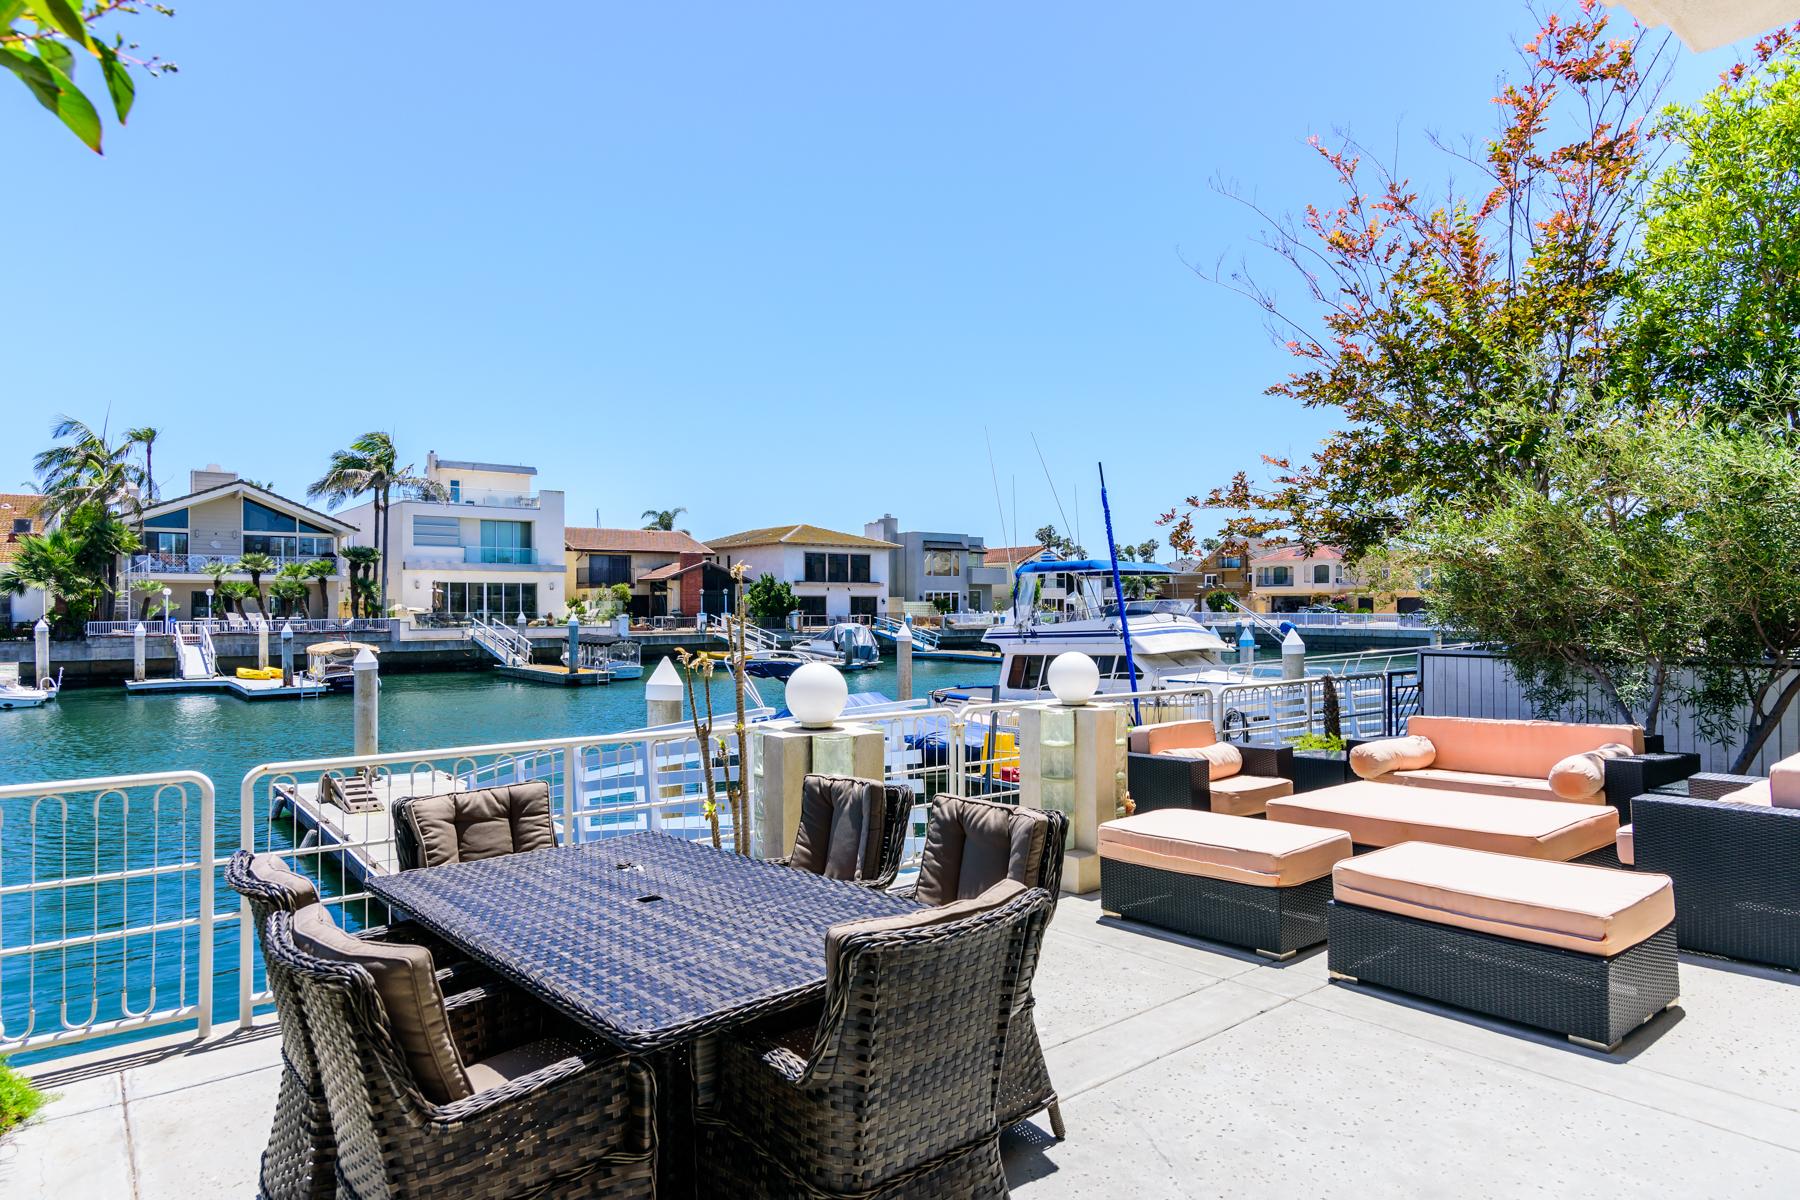 Casa Unifamiliar por un Venta en 44 The Point Coronado, California, 92118 Estados Unidos